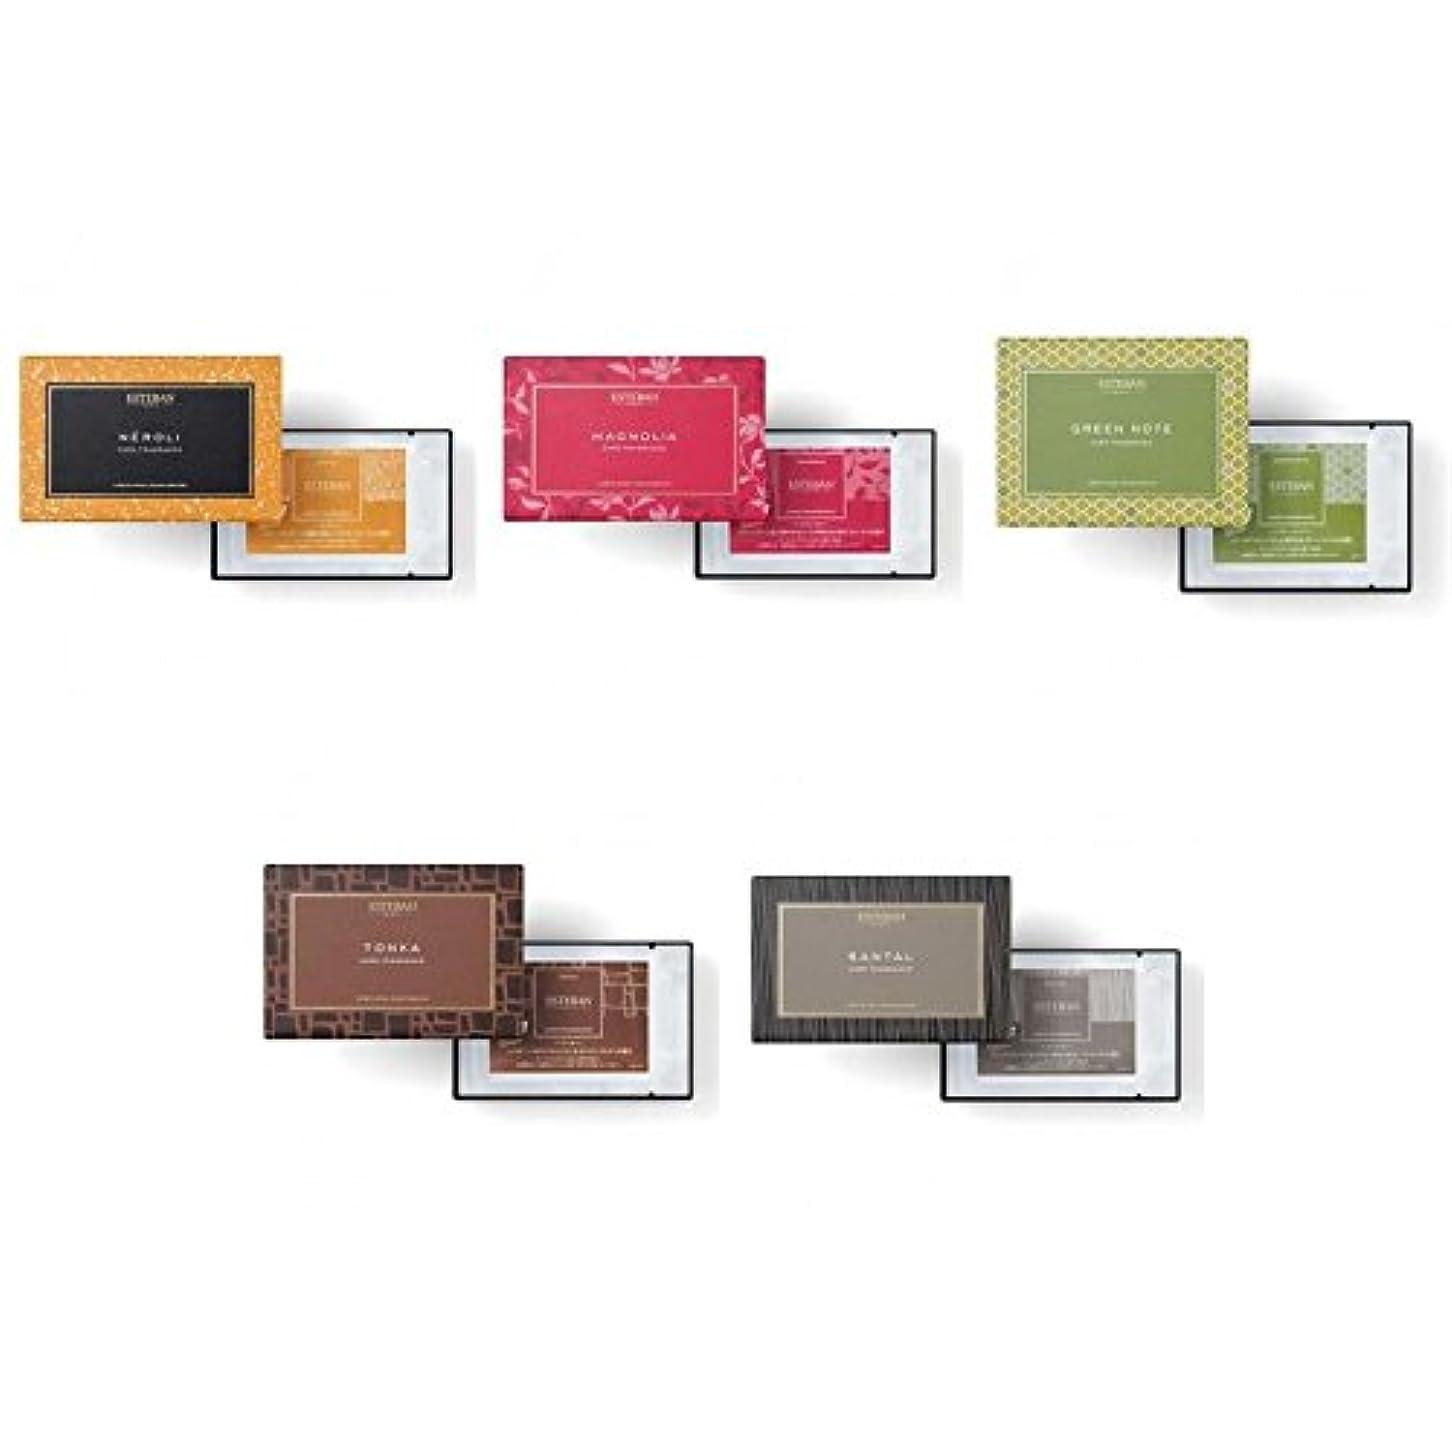 エキサイティング特性一部エステバン カードフレグランス 5種セット